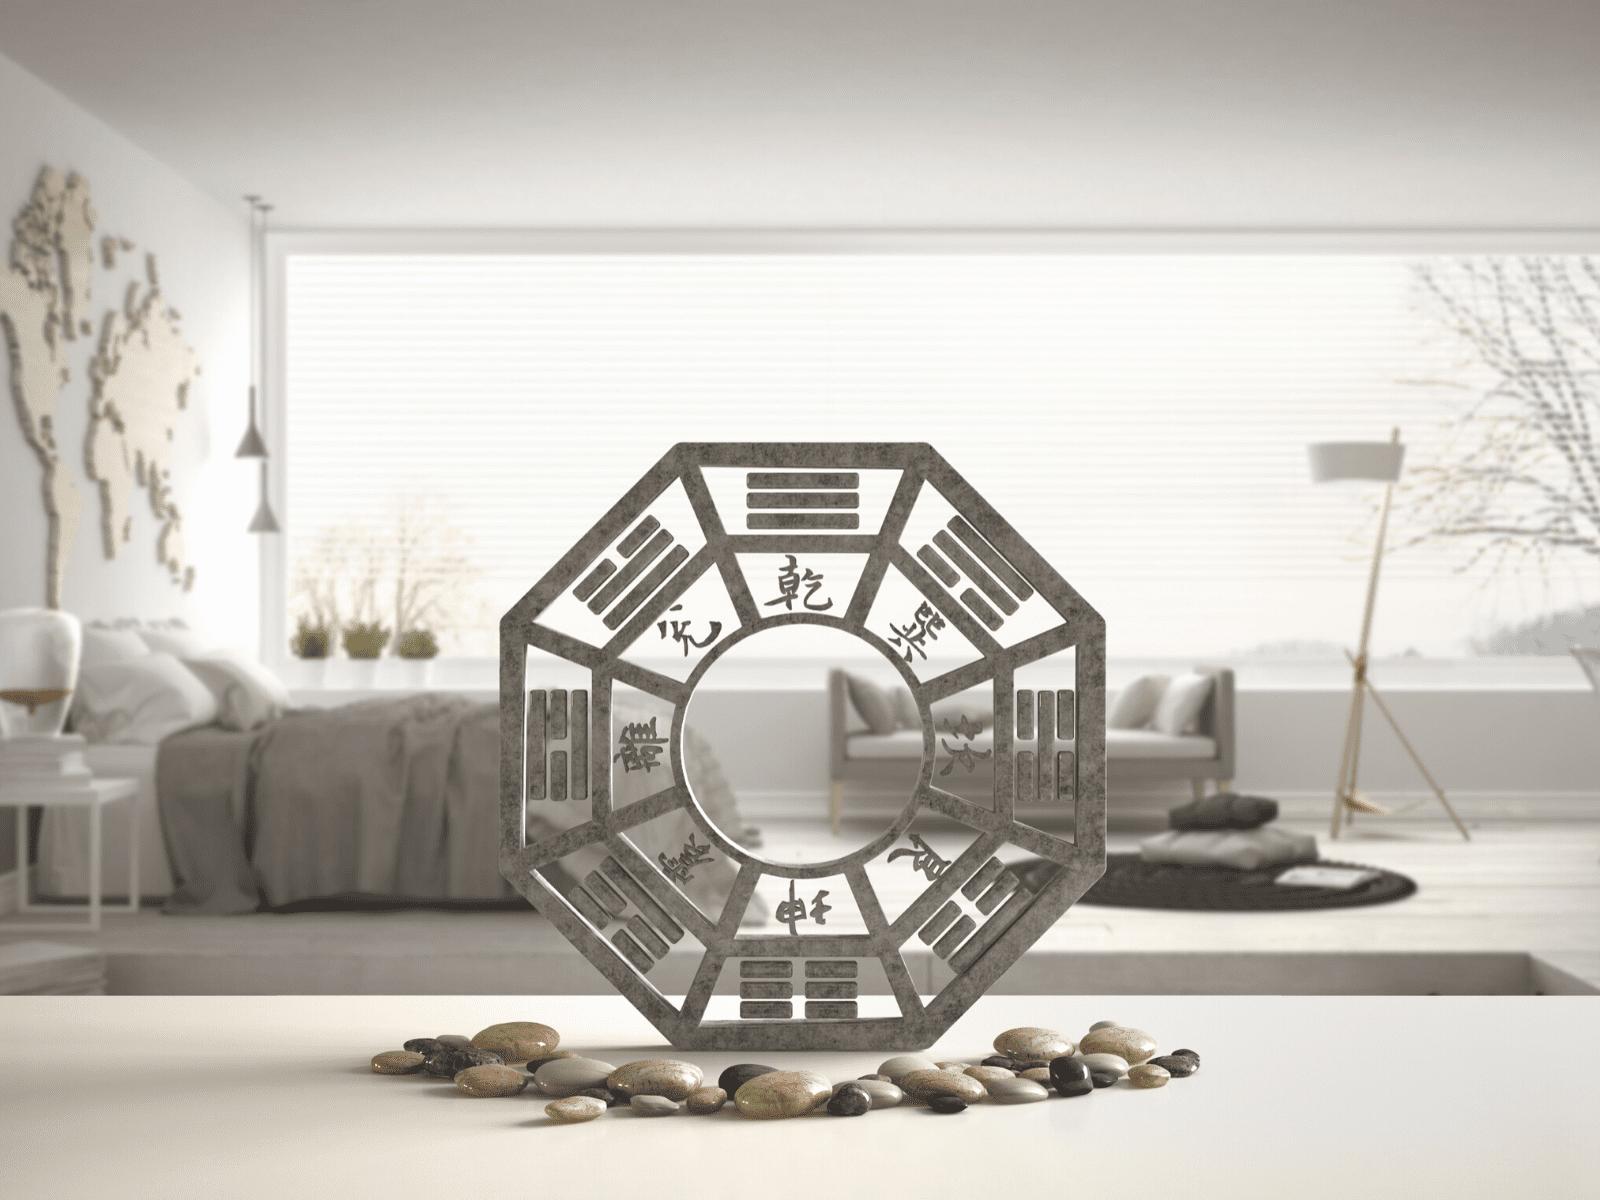 Dicas de feng shui para a sua casa